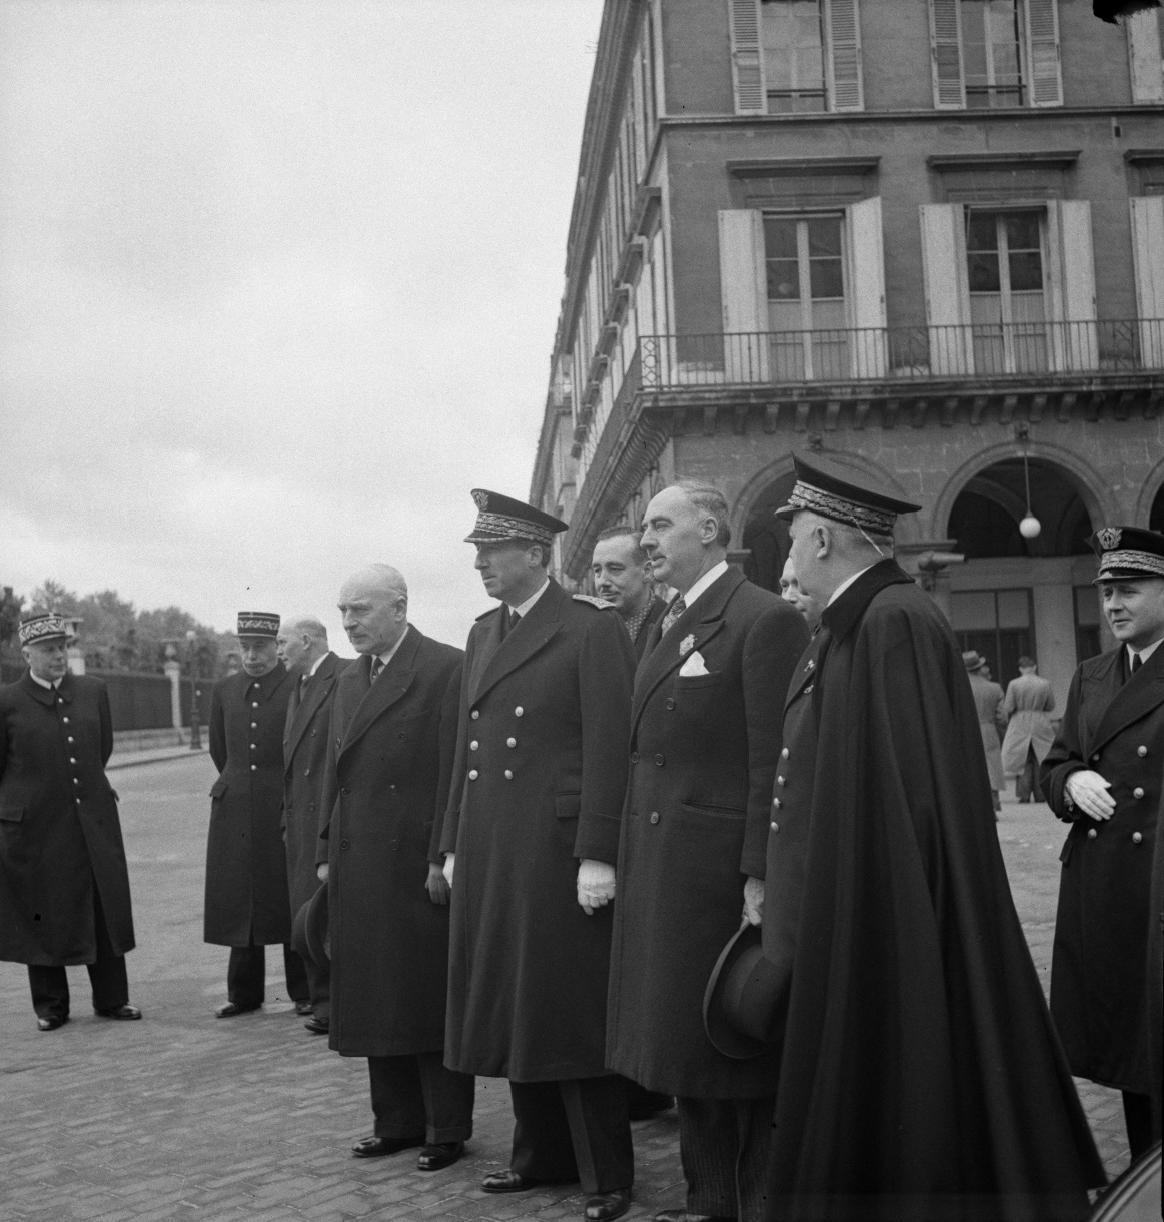 01. 1943. 9 мая. Париж отмечает 514-ю годовщину со дня смерти Жанны д'Арк. Префект полиции Амедео Буссье